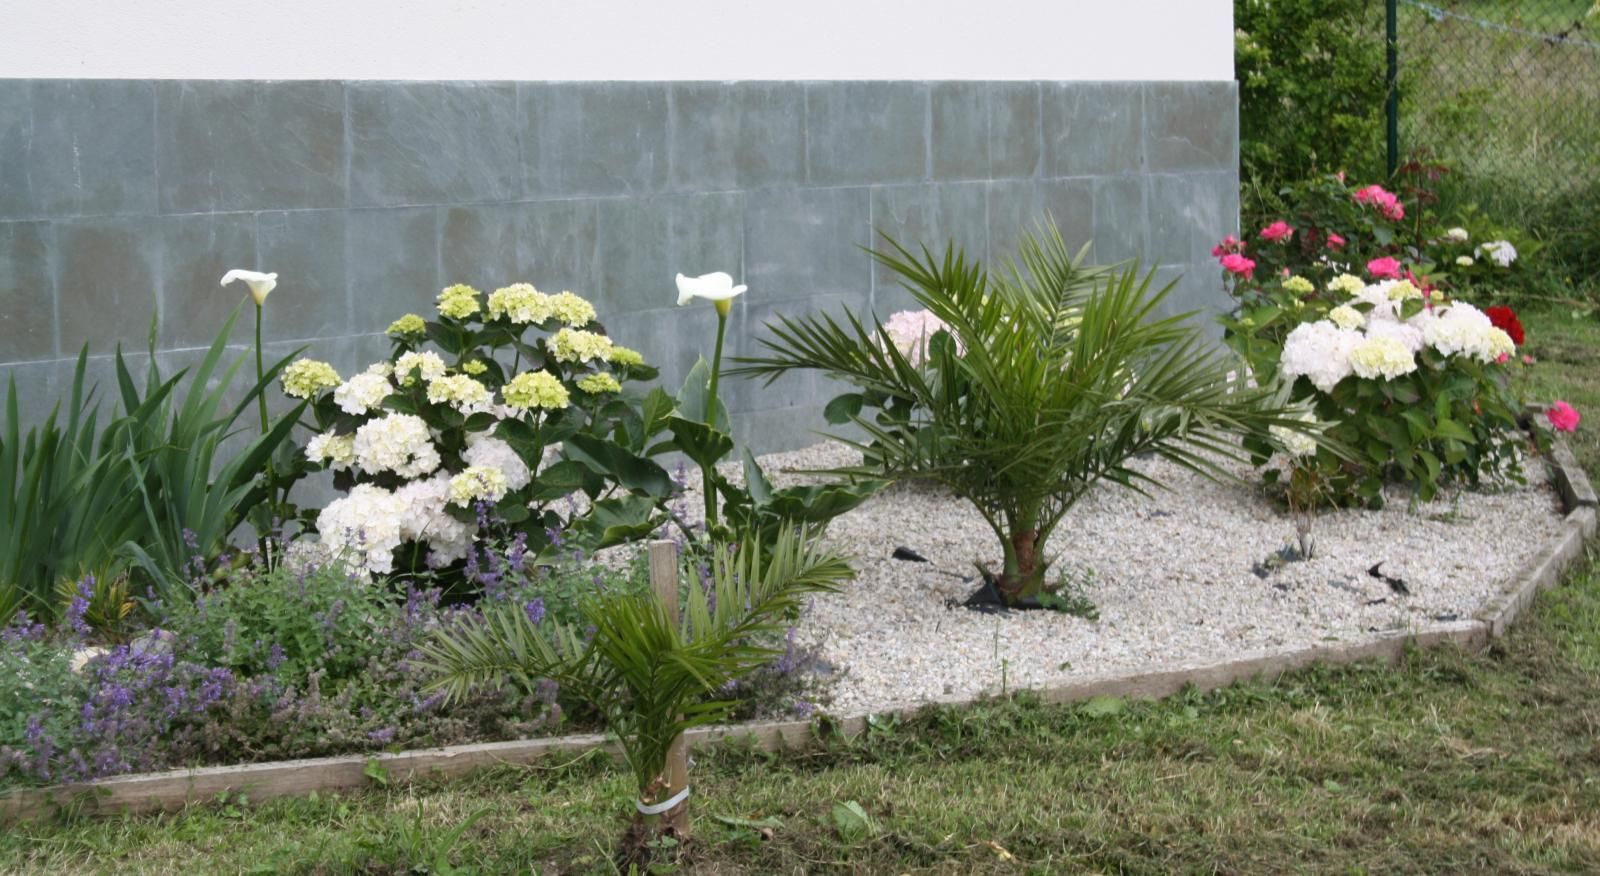 Tipos de palmeras para jardines reducidos2 patios y for Tipos de jardines pequenos